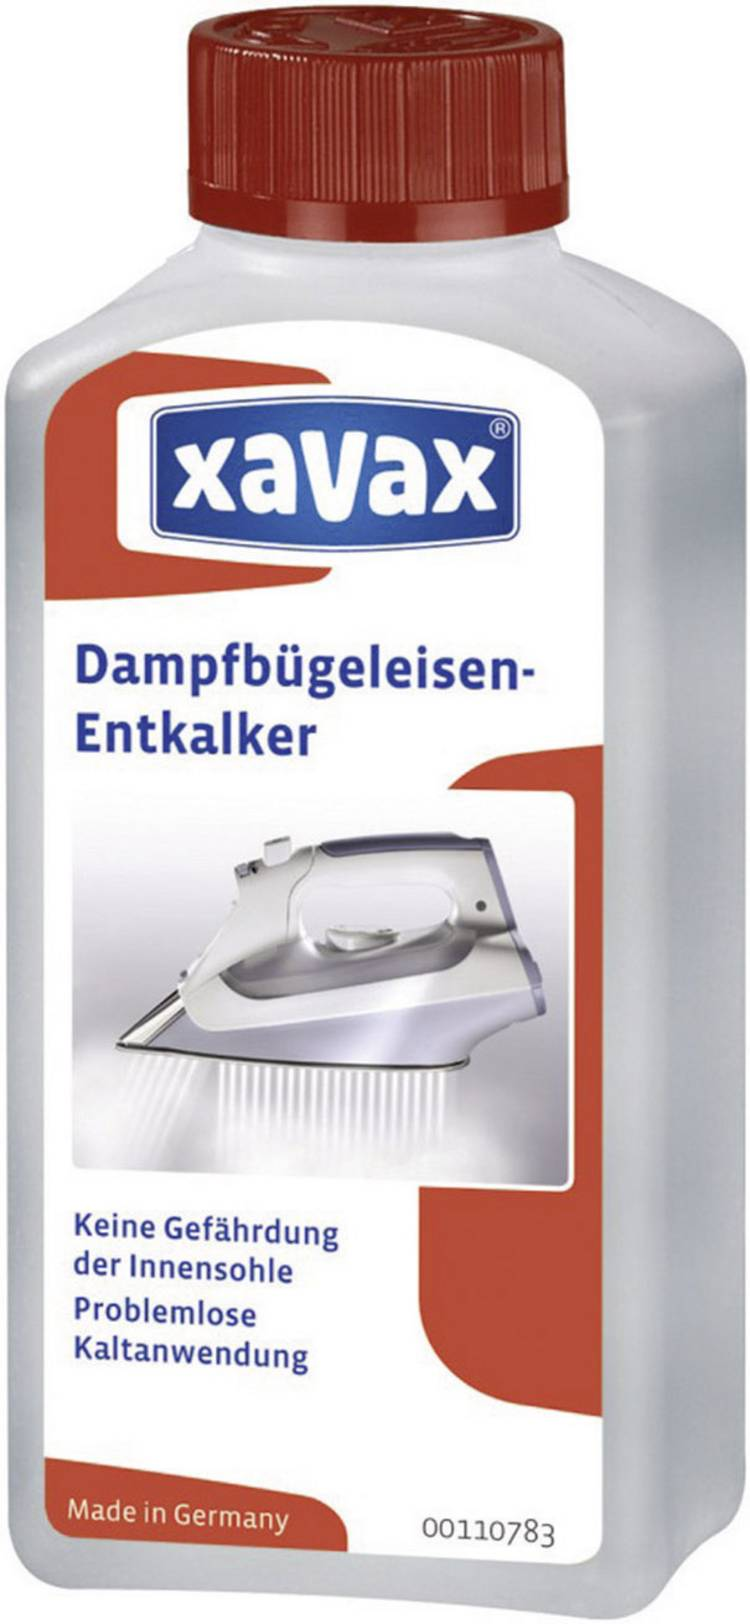 Image of Stoomstrijkijzer ontkalker Xavax 00110783 250 ml